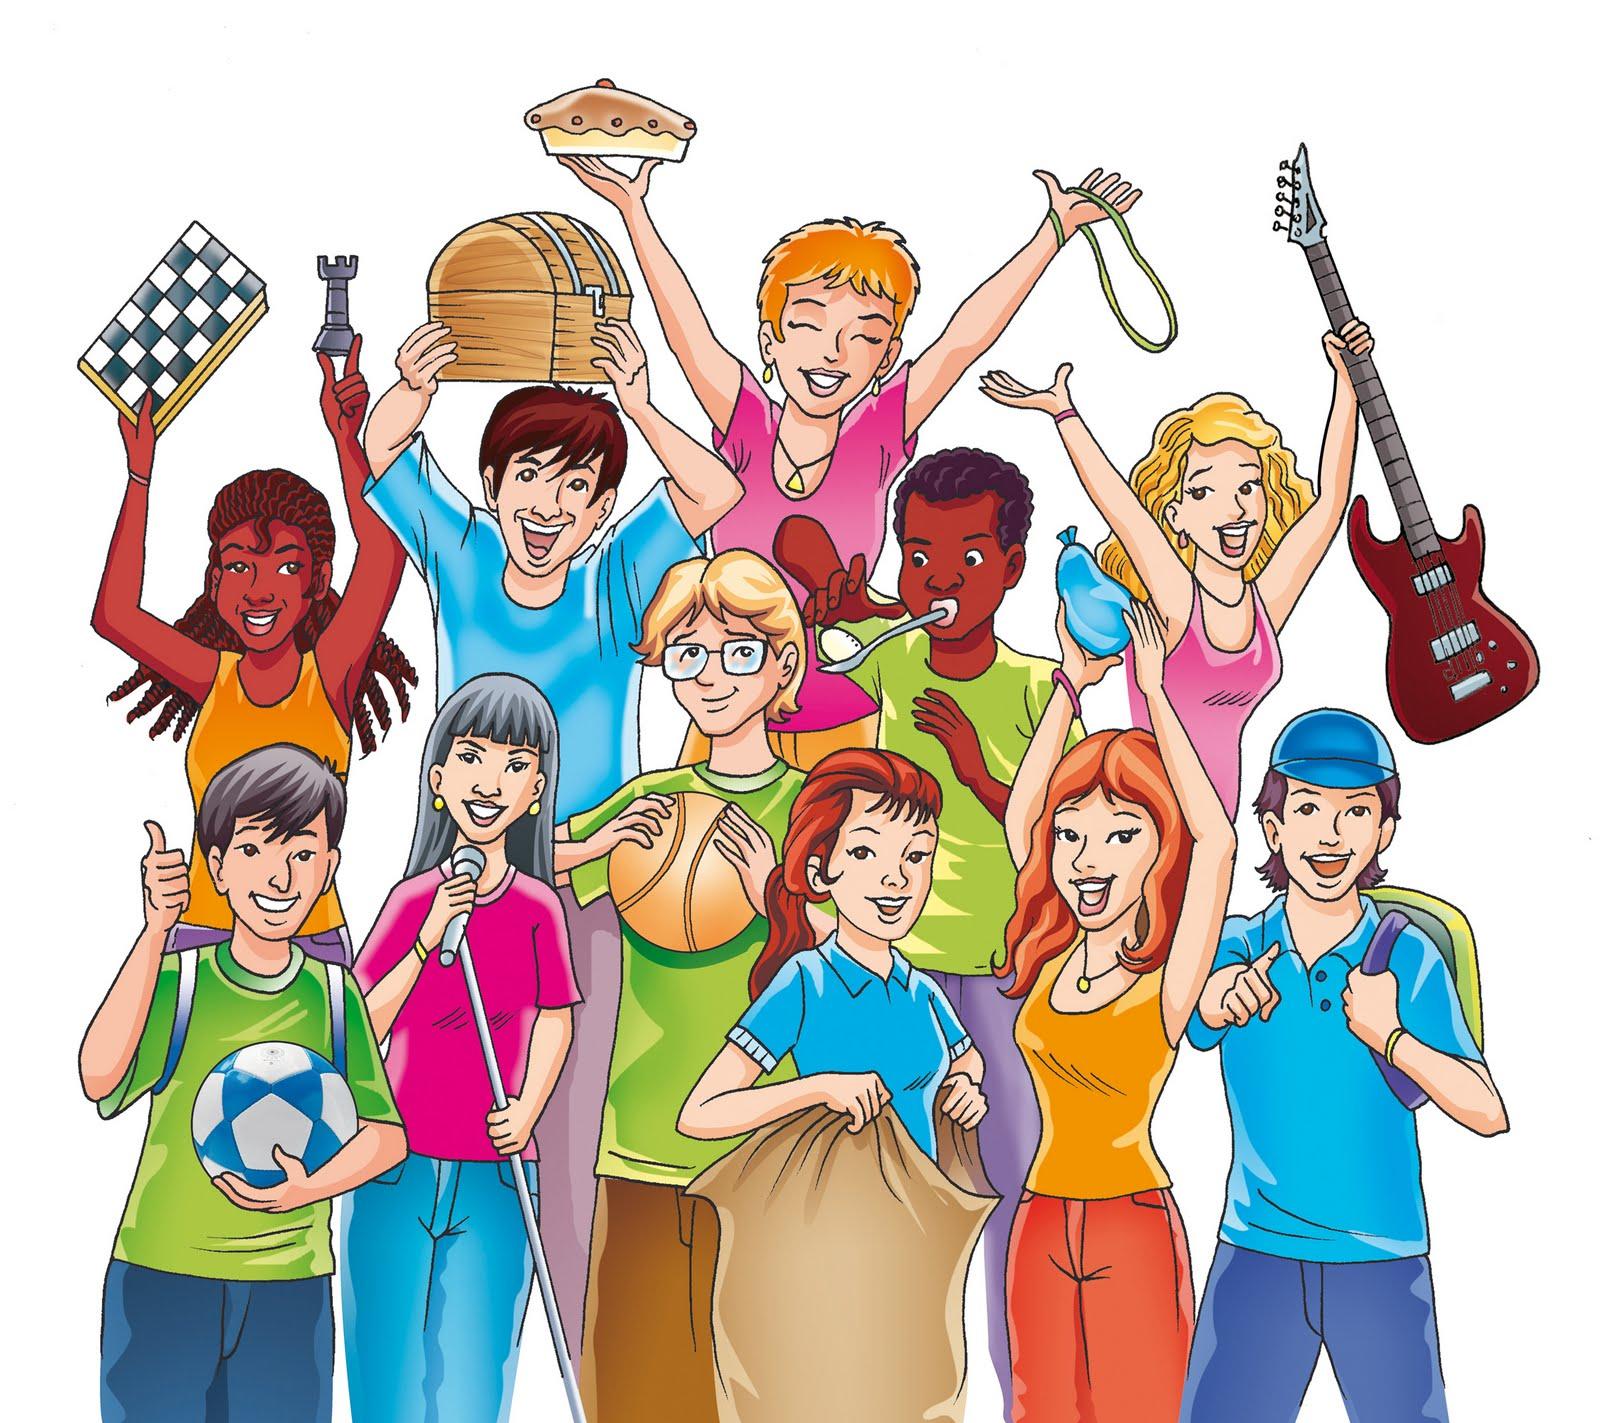 Jovenes de caricatura - Imagui